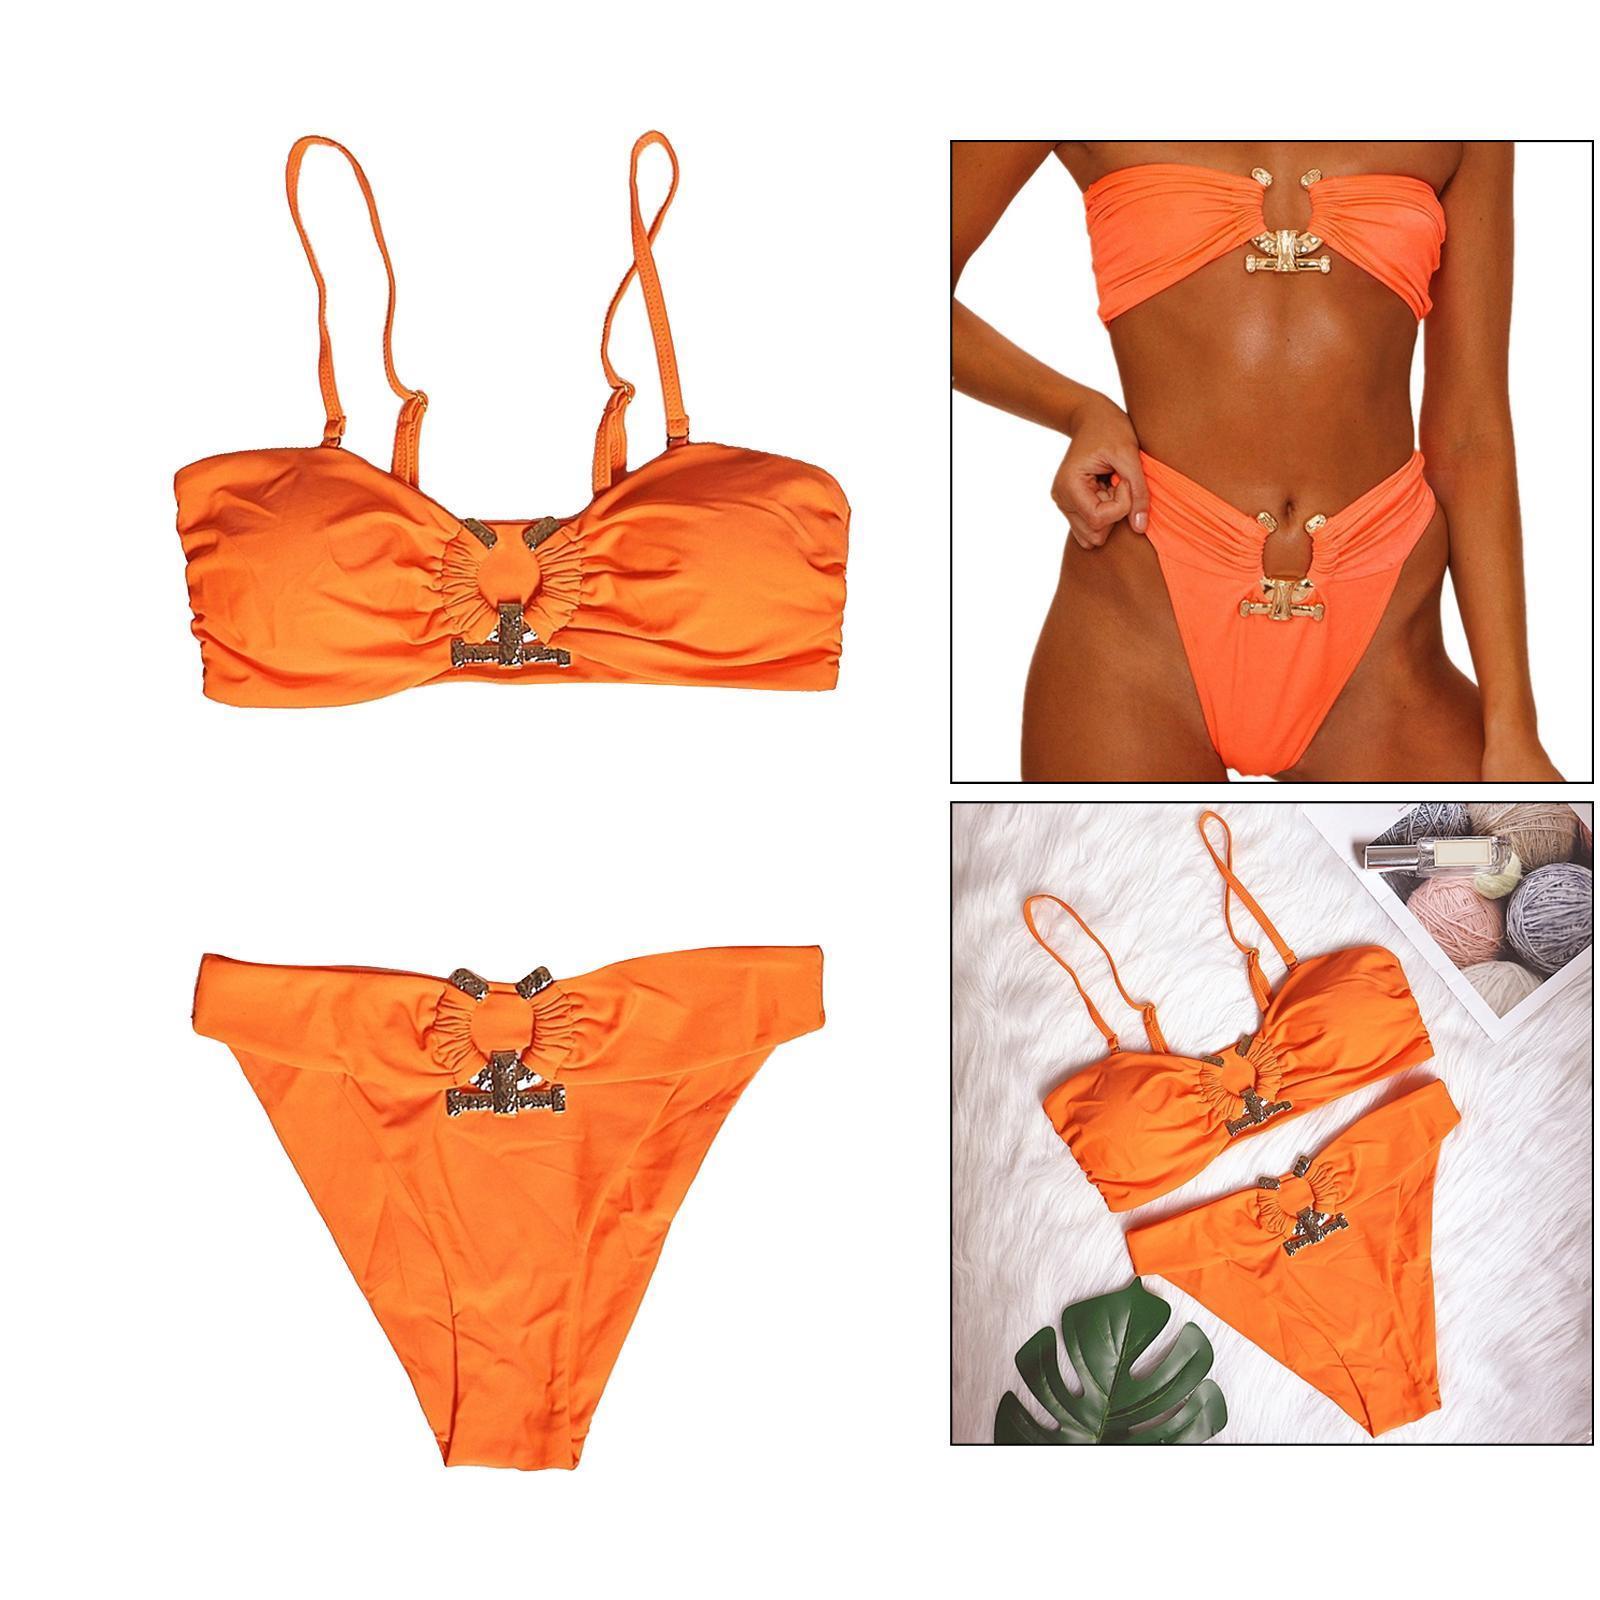 Indexbild 78 - Zwei Stücke Bikini Set Strappy Bademode Party Badeanzug Tankini Bademode